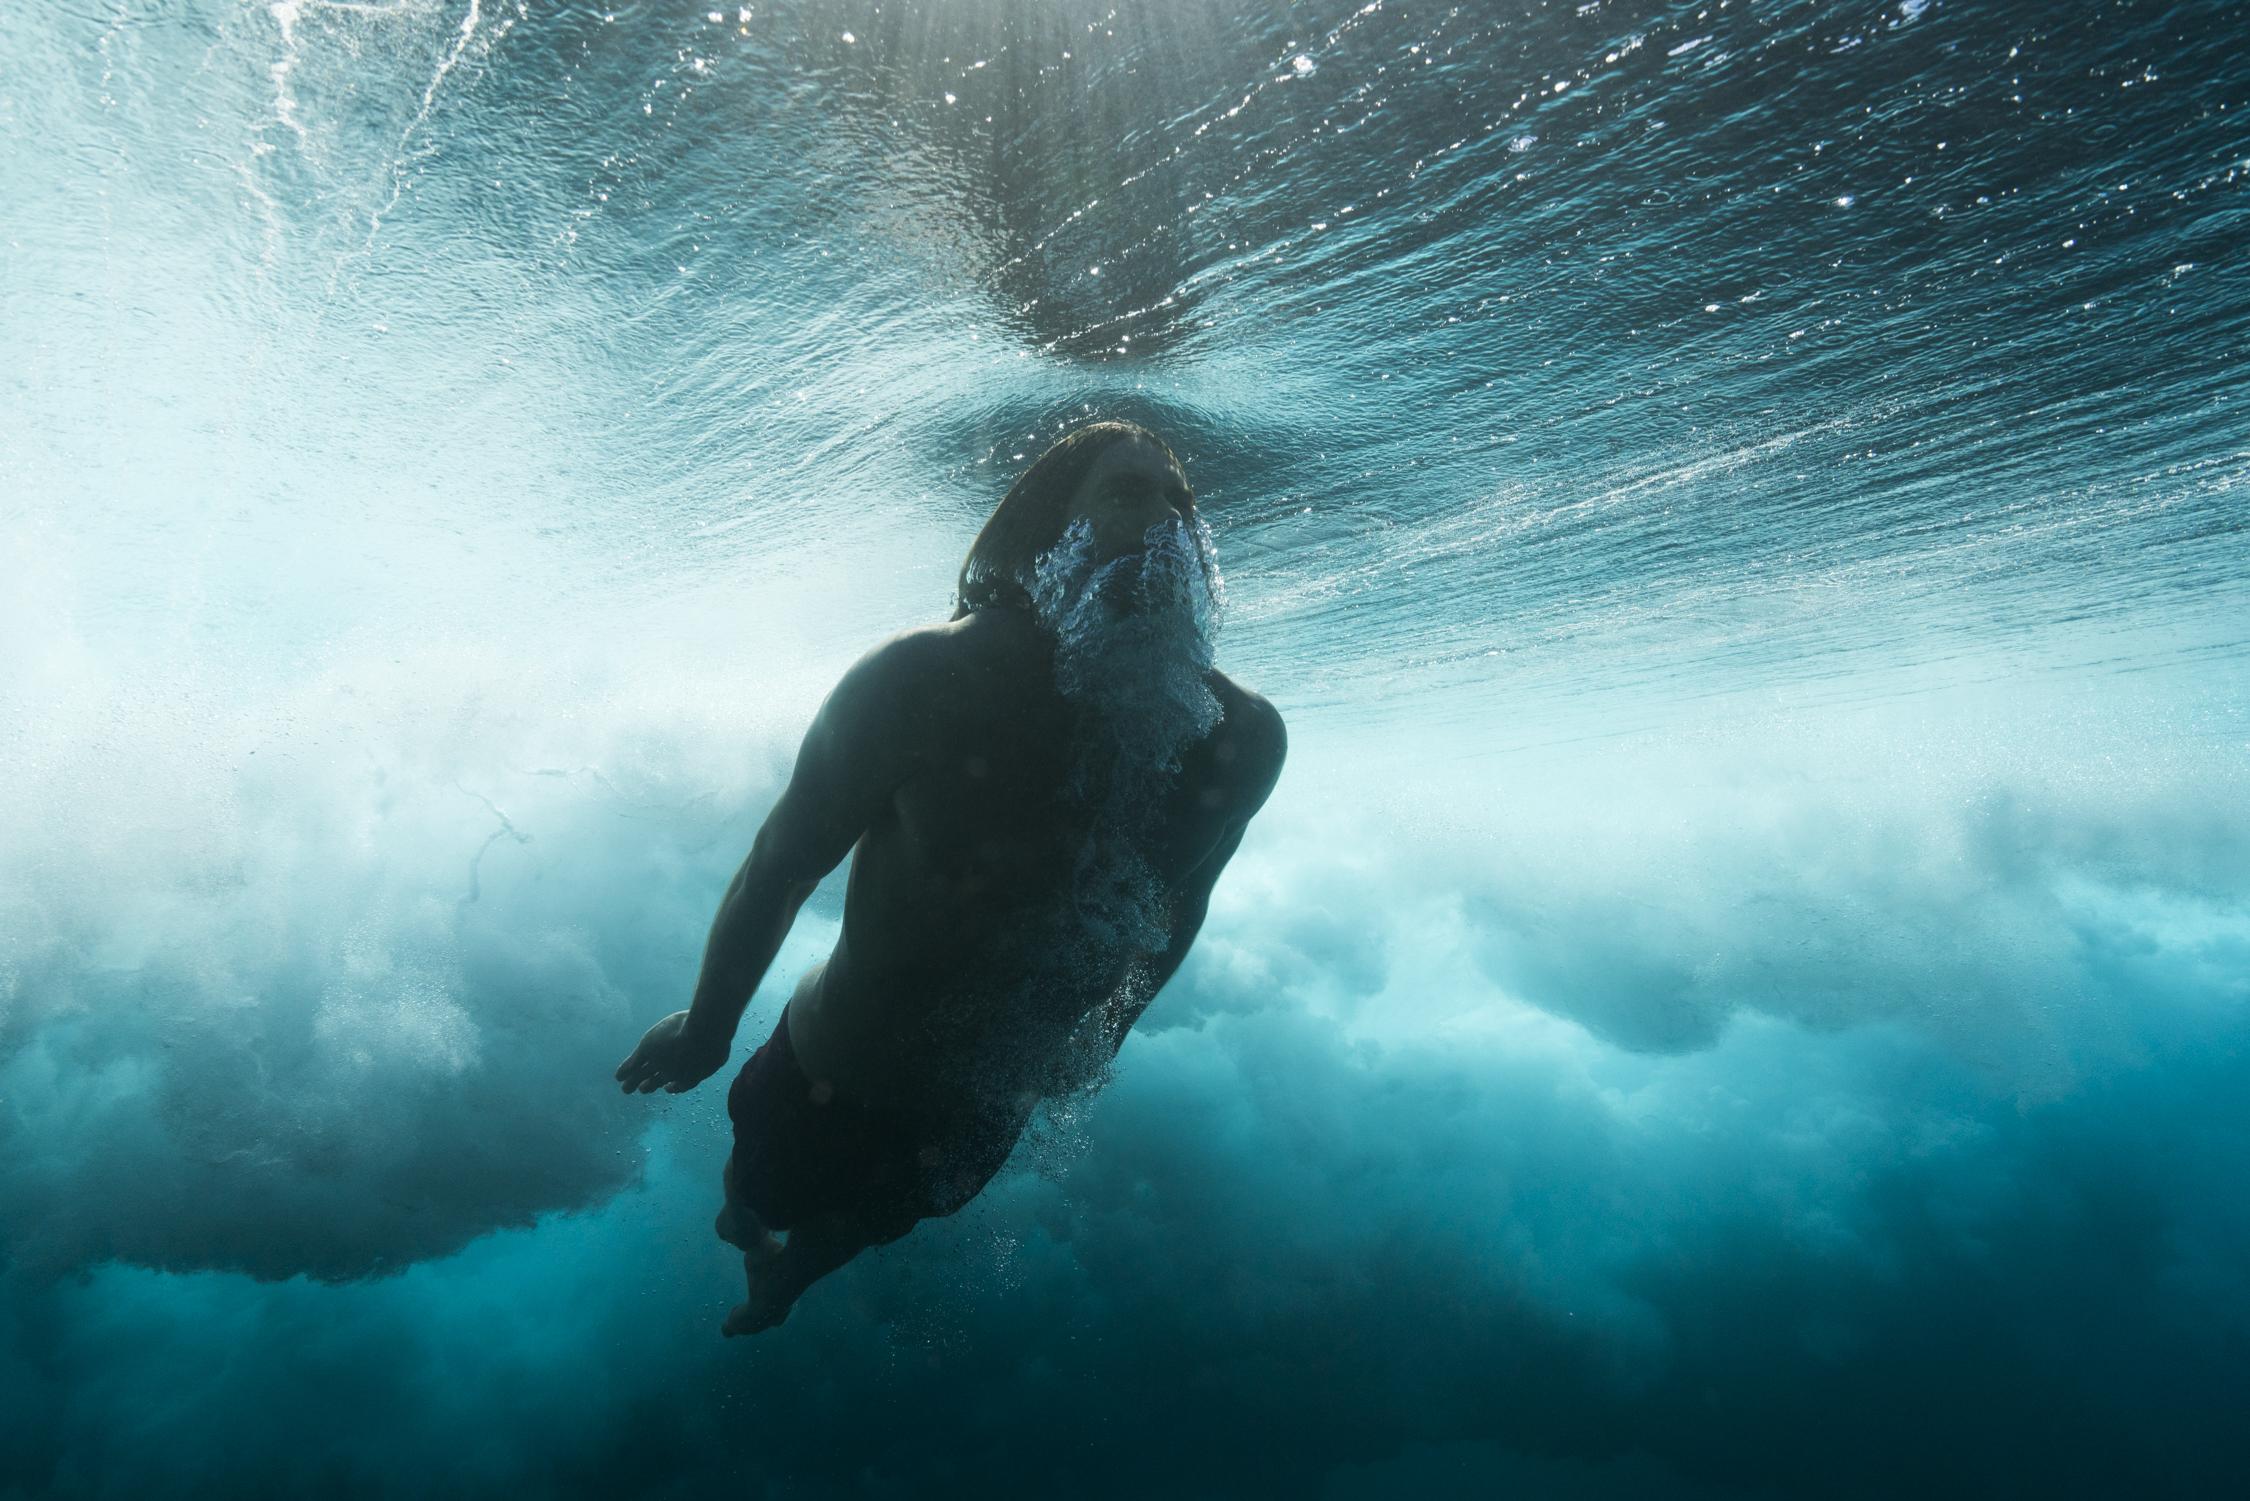 Donnie_Hedden_Fish_People_film.jpg